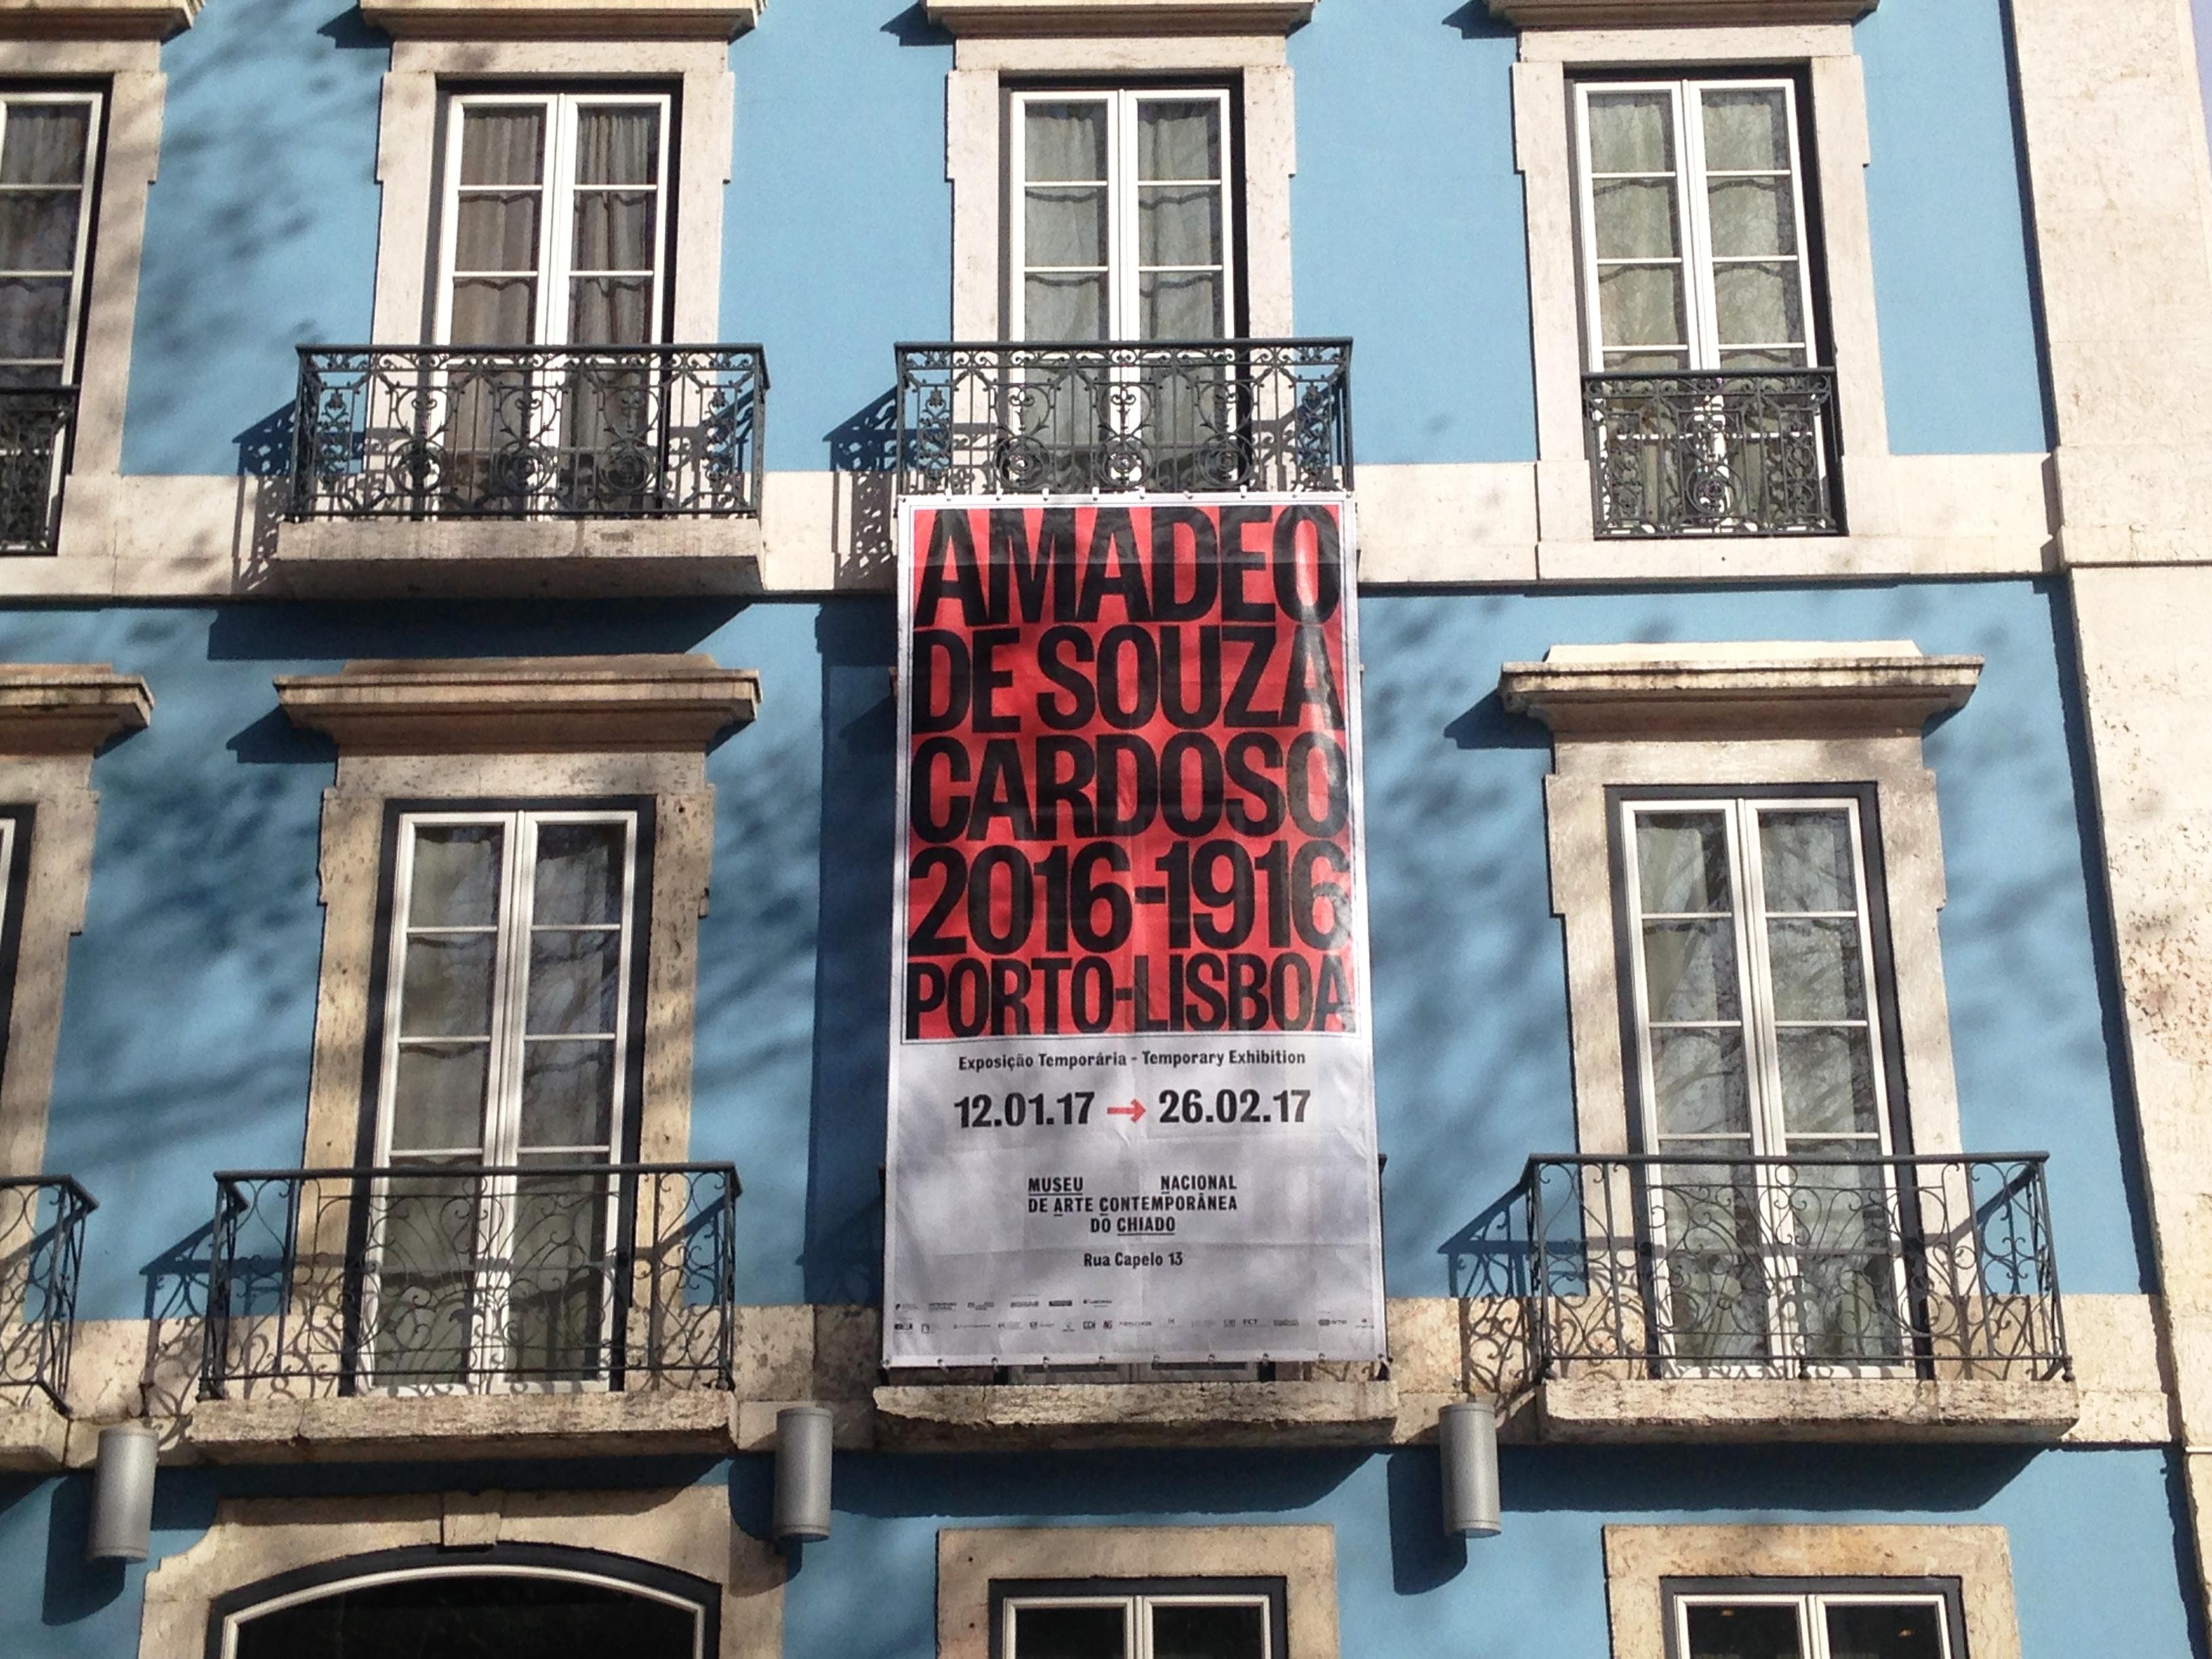 Hoteis Heritage Lisboa apoiam exposição de Amadeo de Souza-Cardoso no MNAC